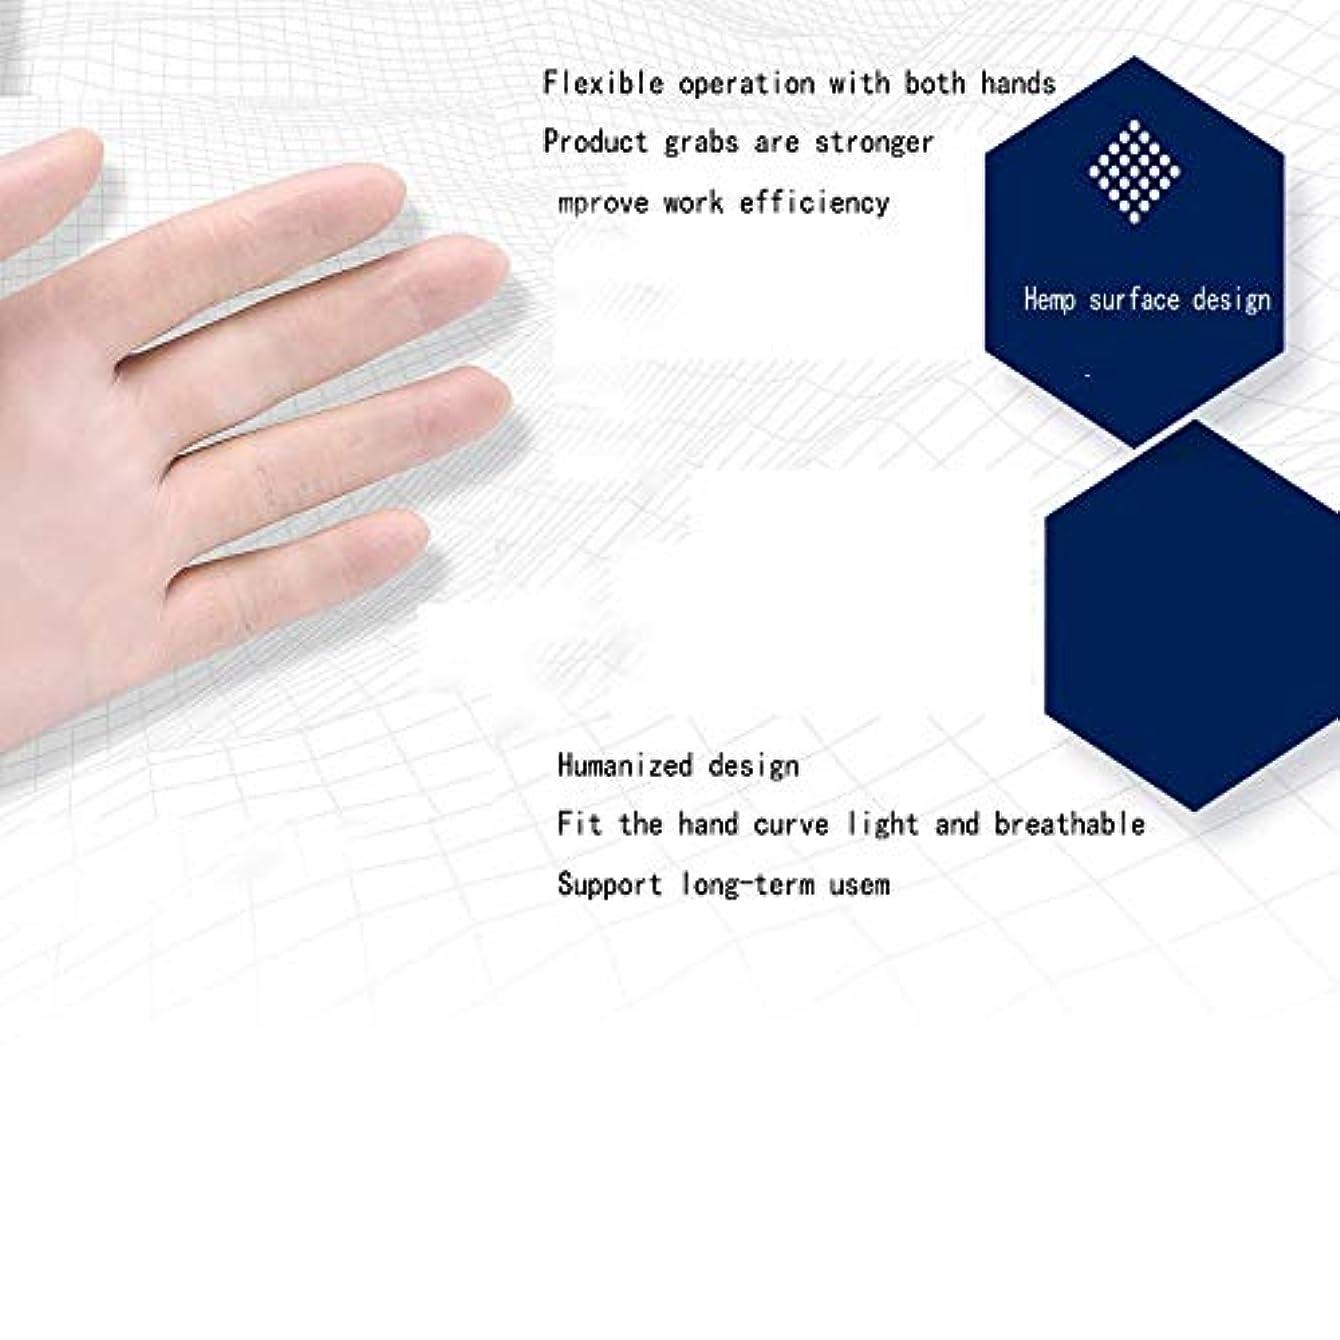 電気周り刃Safeguard Nitri Disposable Gloves、パウダーフリー、食品用グローブ、ラテックスフリー、100 Pcサニタリーグローブ (サイズ さいず : S s)